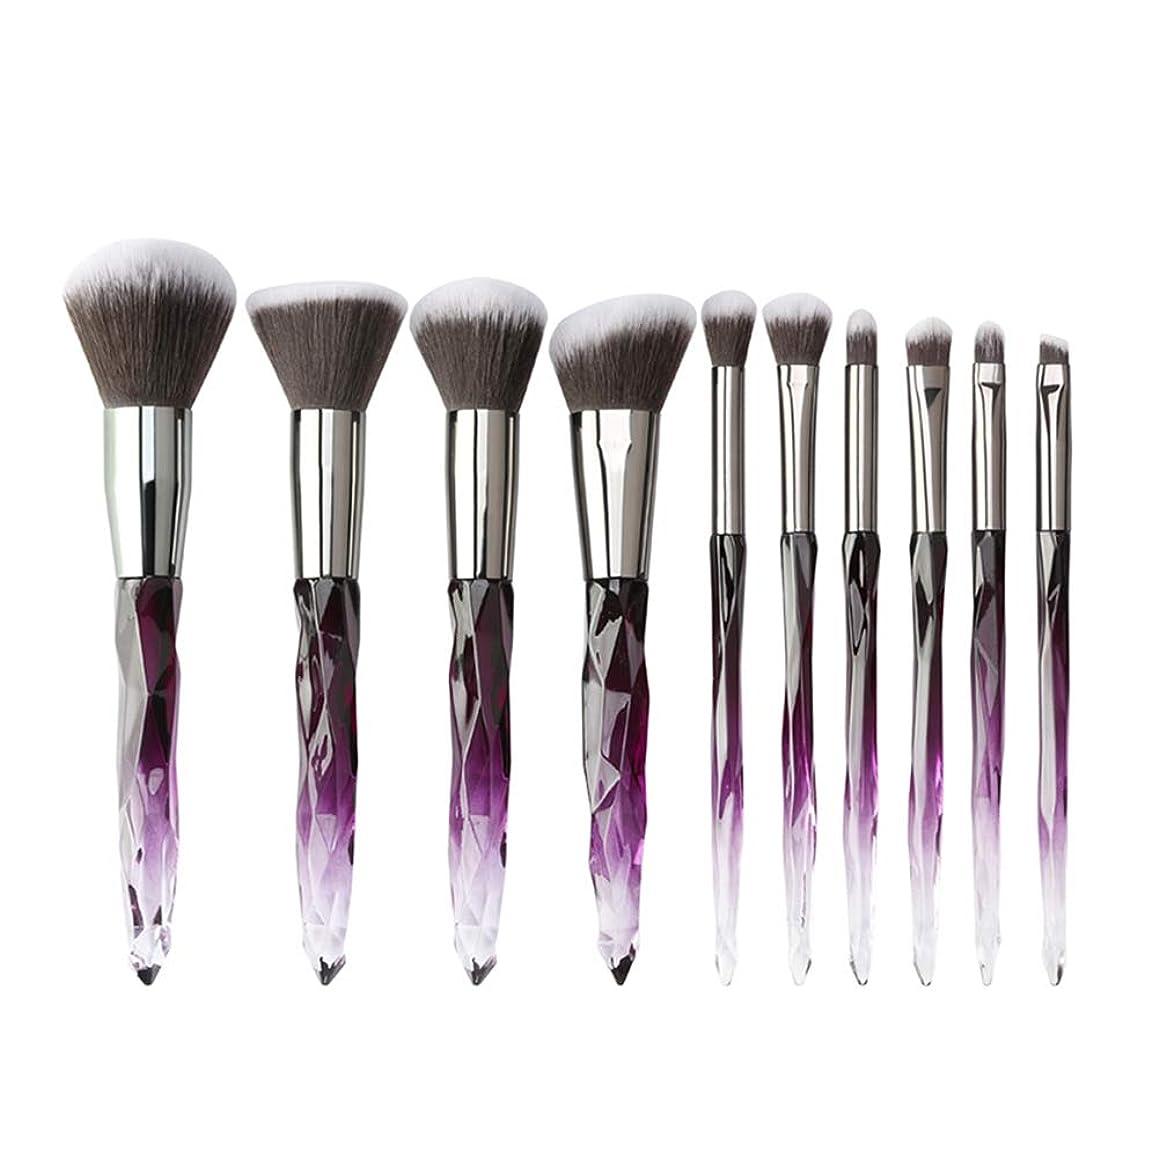 Poonikuuブラシ化粧 ブラシセット 化粧筆セット 化粧筆 コスメ ブラシ 化粧ブラシ メークアップツール 全顔対応 10本セット スタイル2 パープル